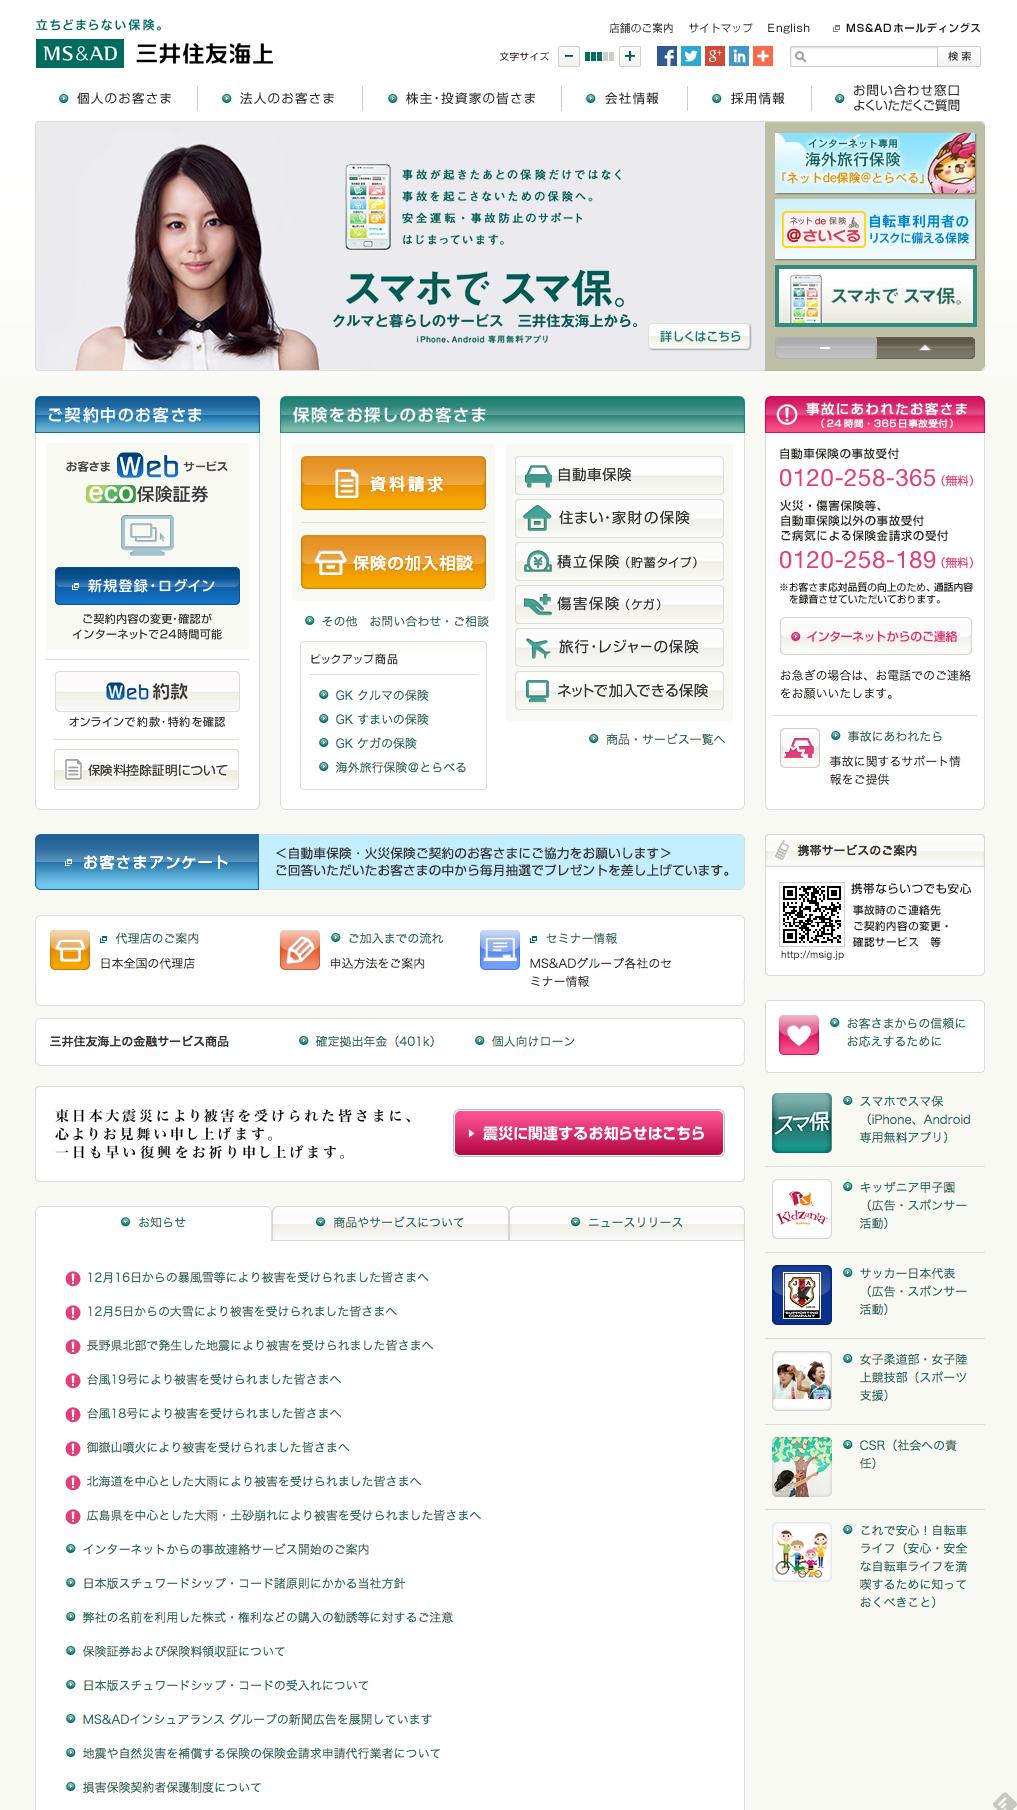 三井住友海上  (via http://www.ms-ins.com/ )